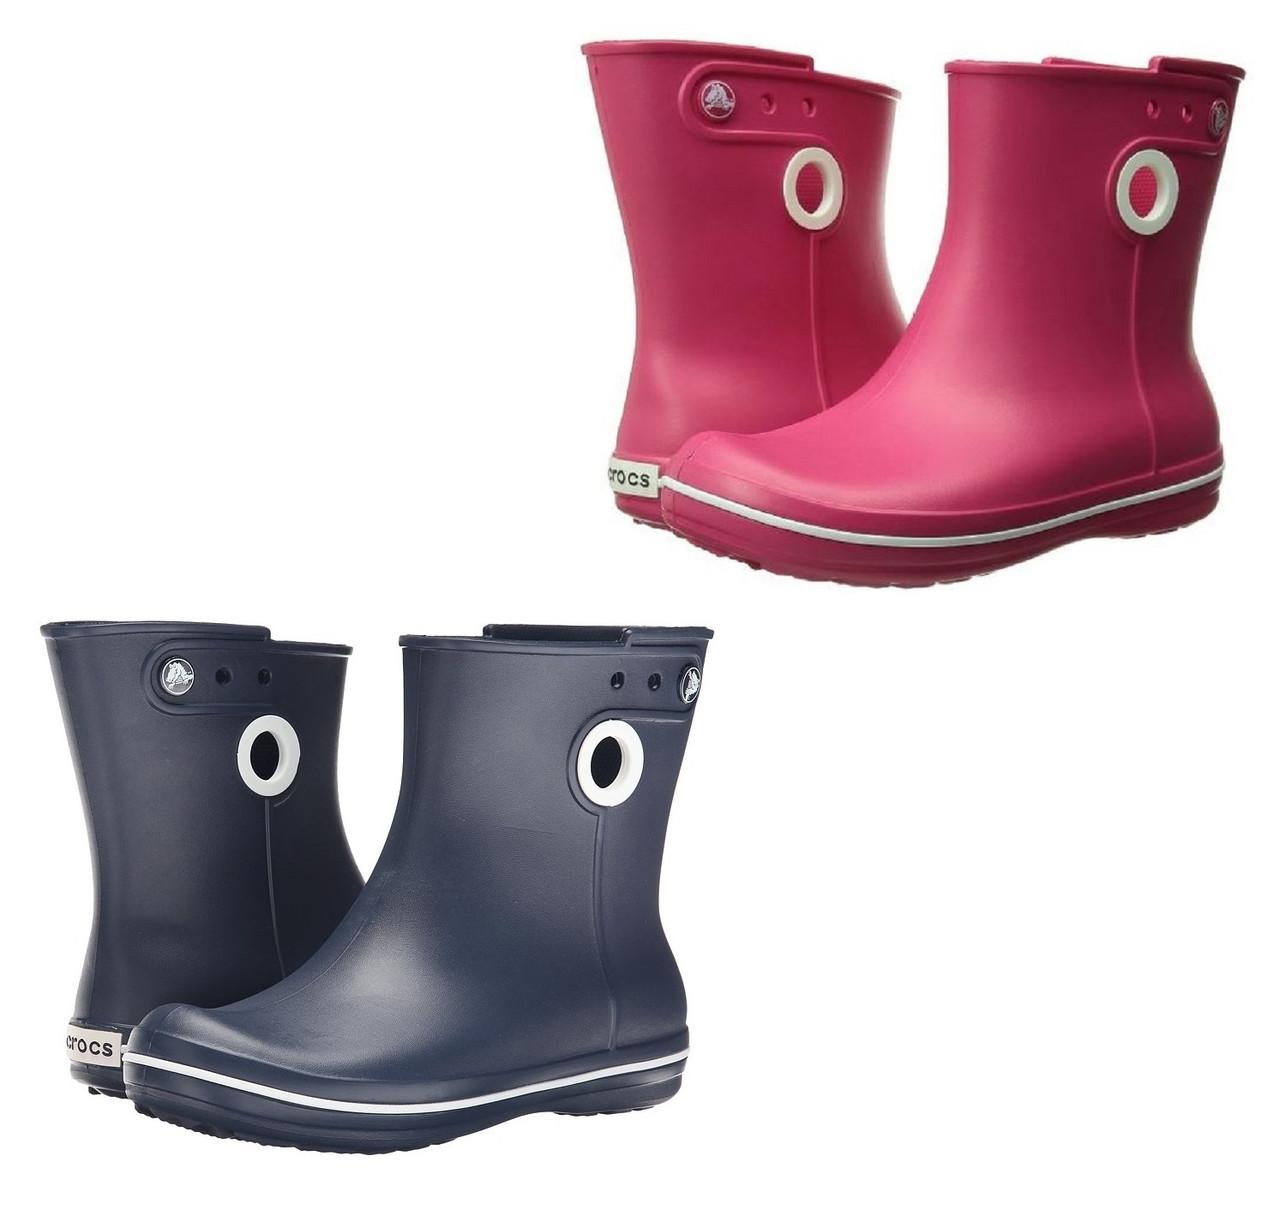 2040c6881 1 099 грн. Сапоги резиновые женские короткие с кружочком Crocs Women's  Jaunt Shorty Boot / дождевики полусапоги